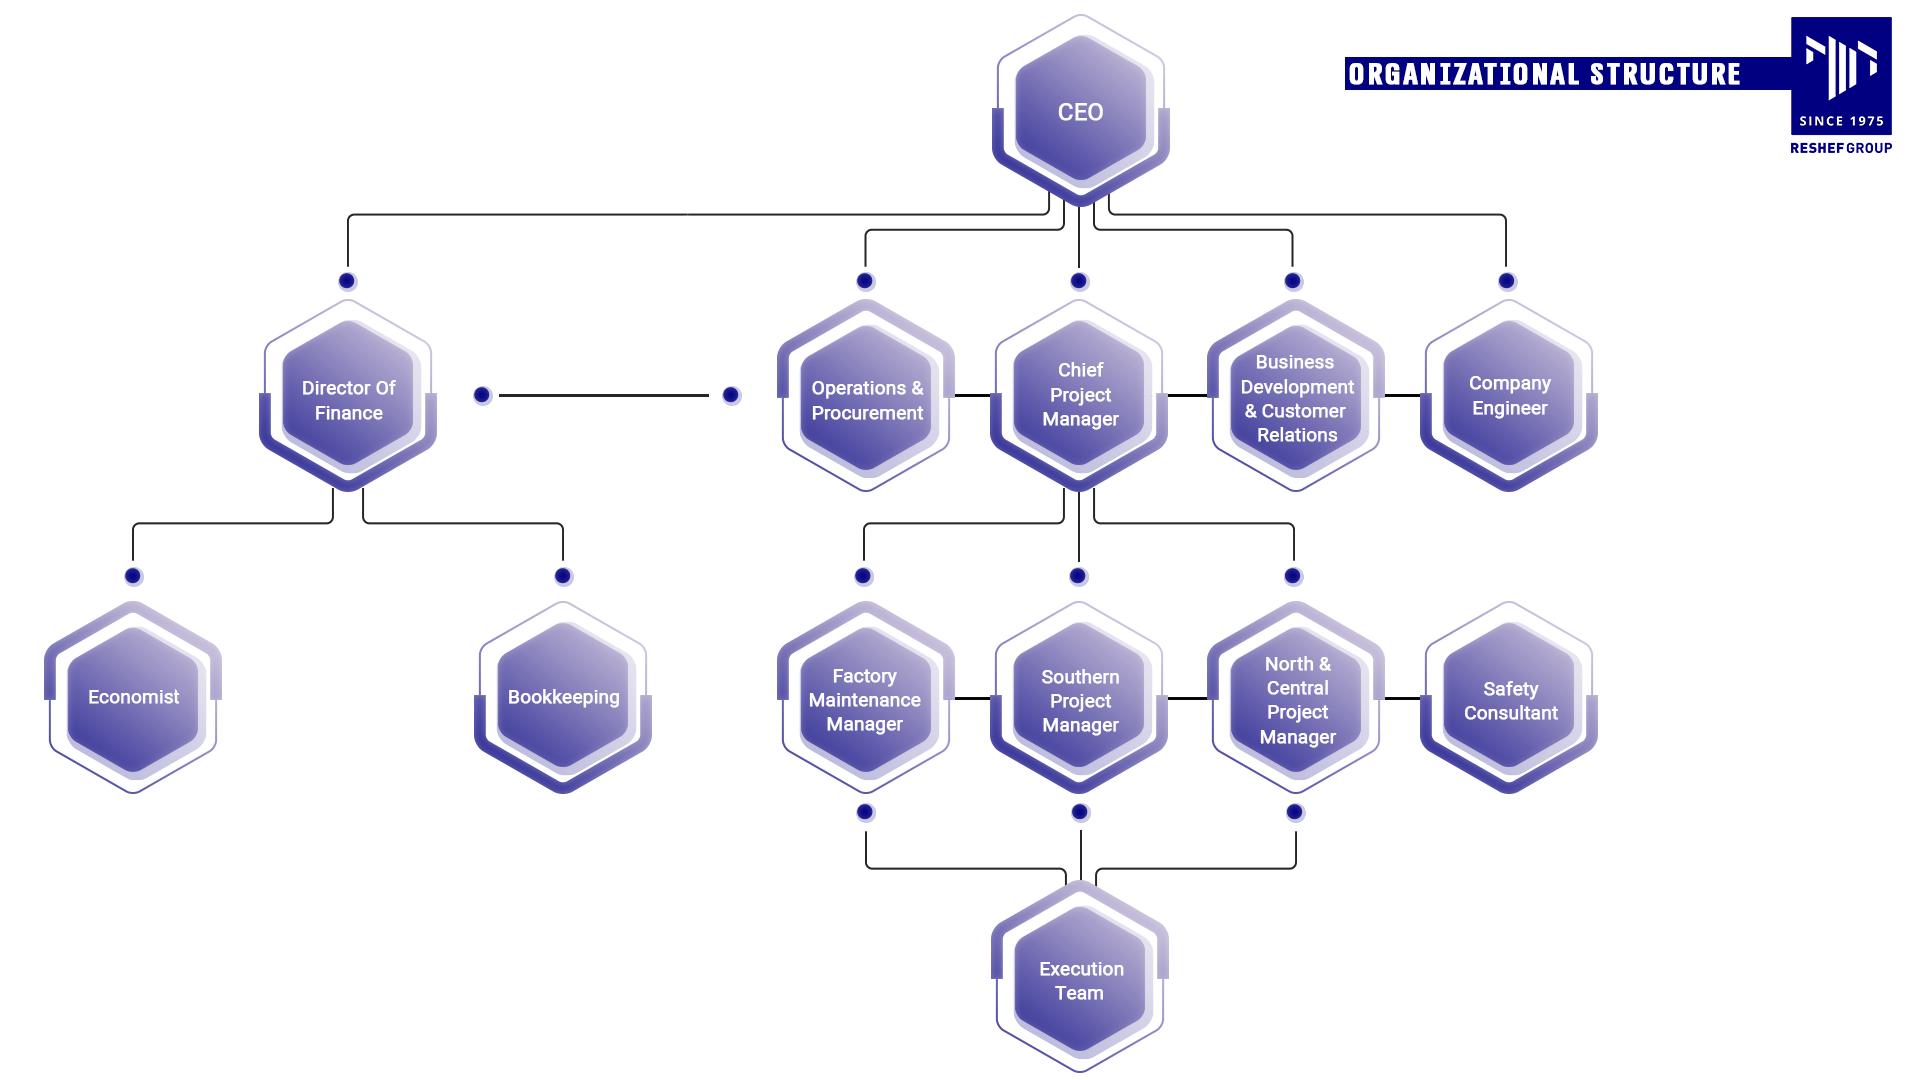 מבנה ארגוני בקבוצת רשף